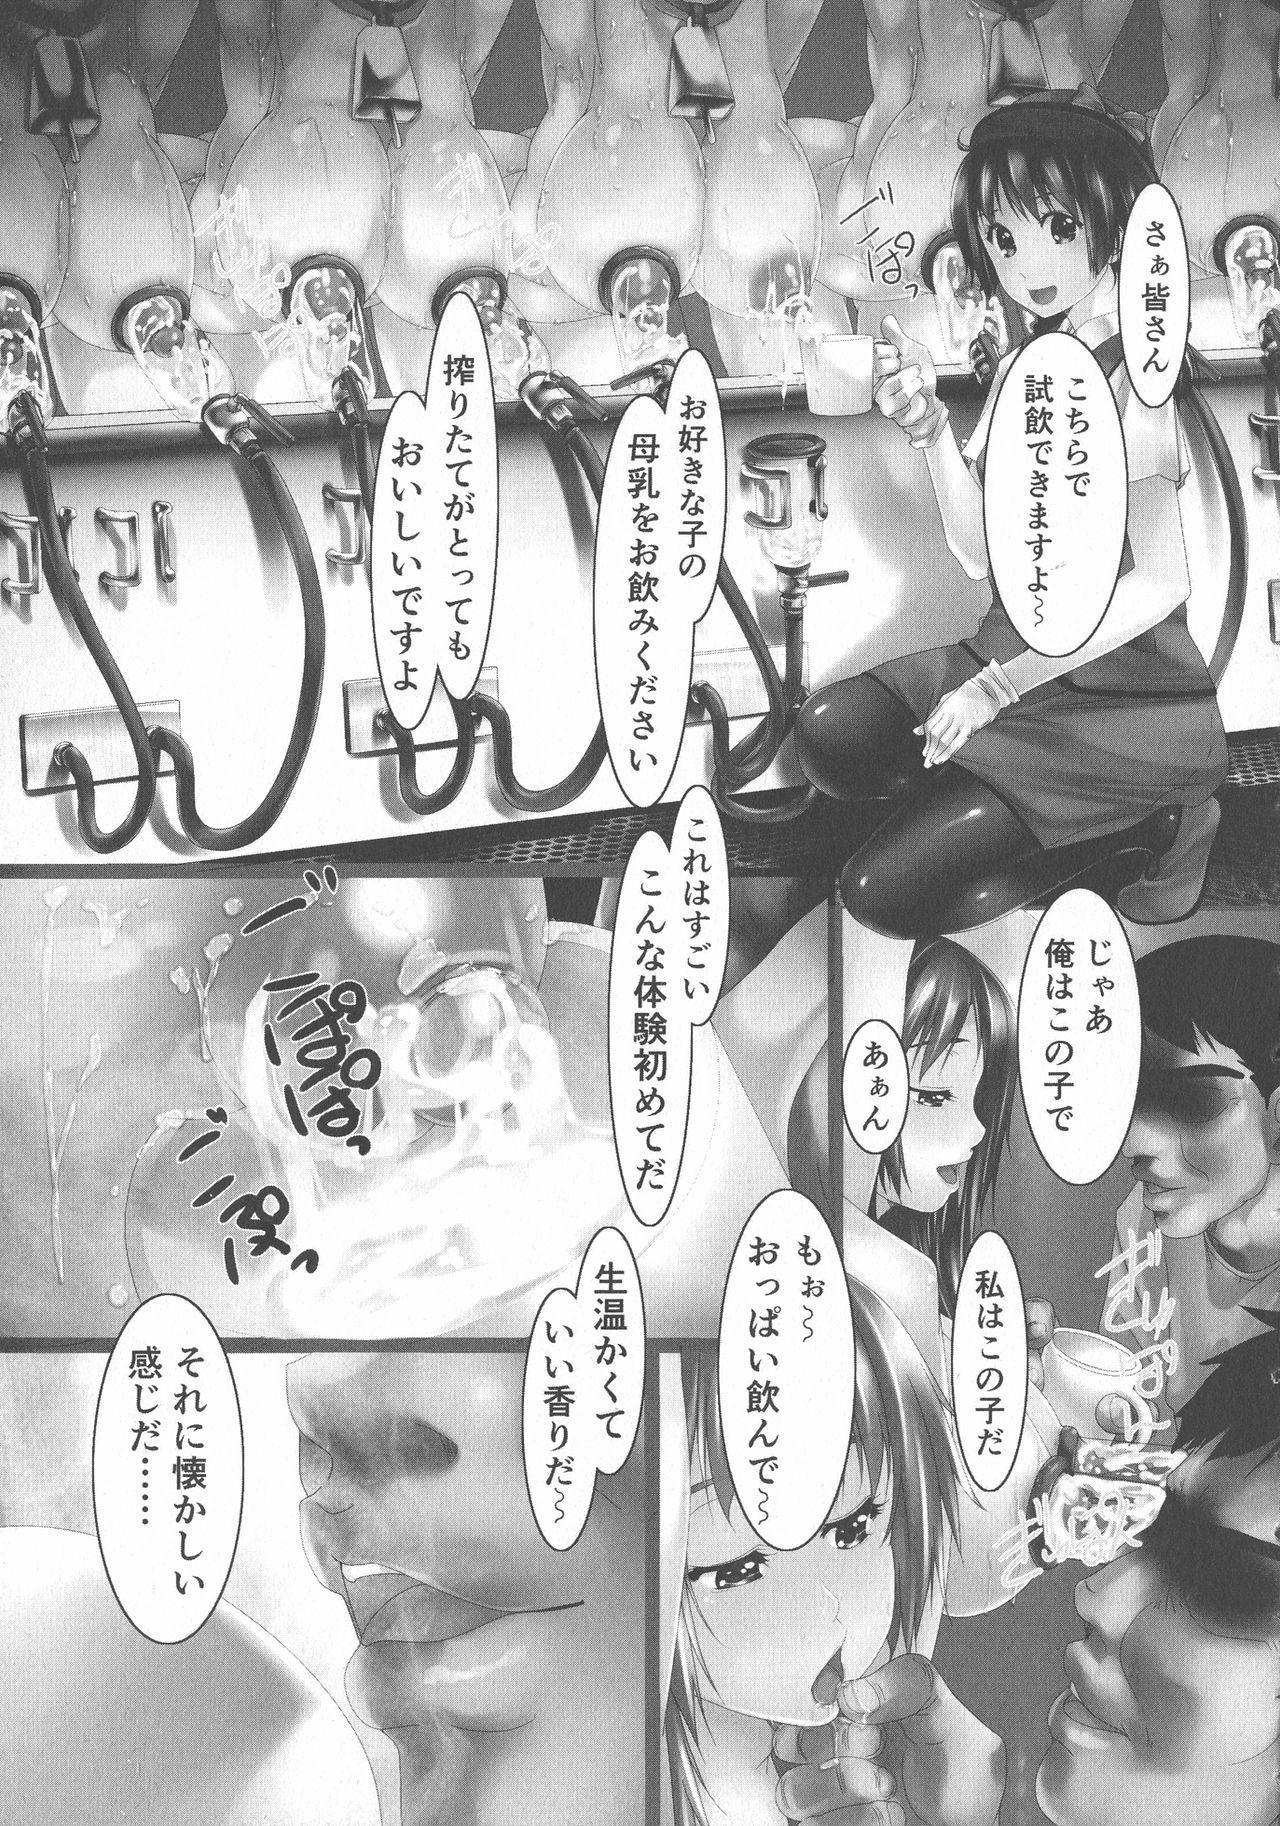 Jochiku no Utage 58